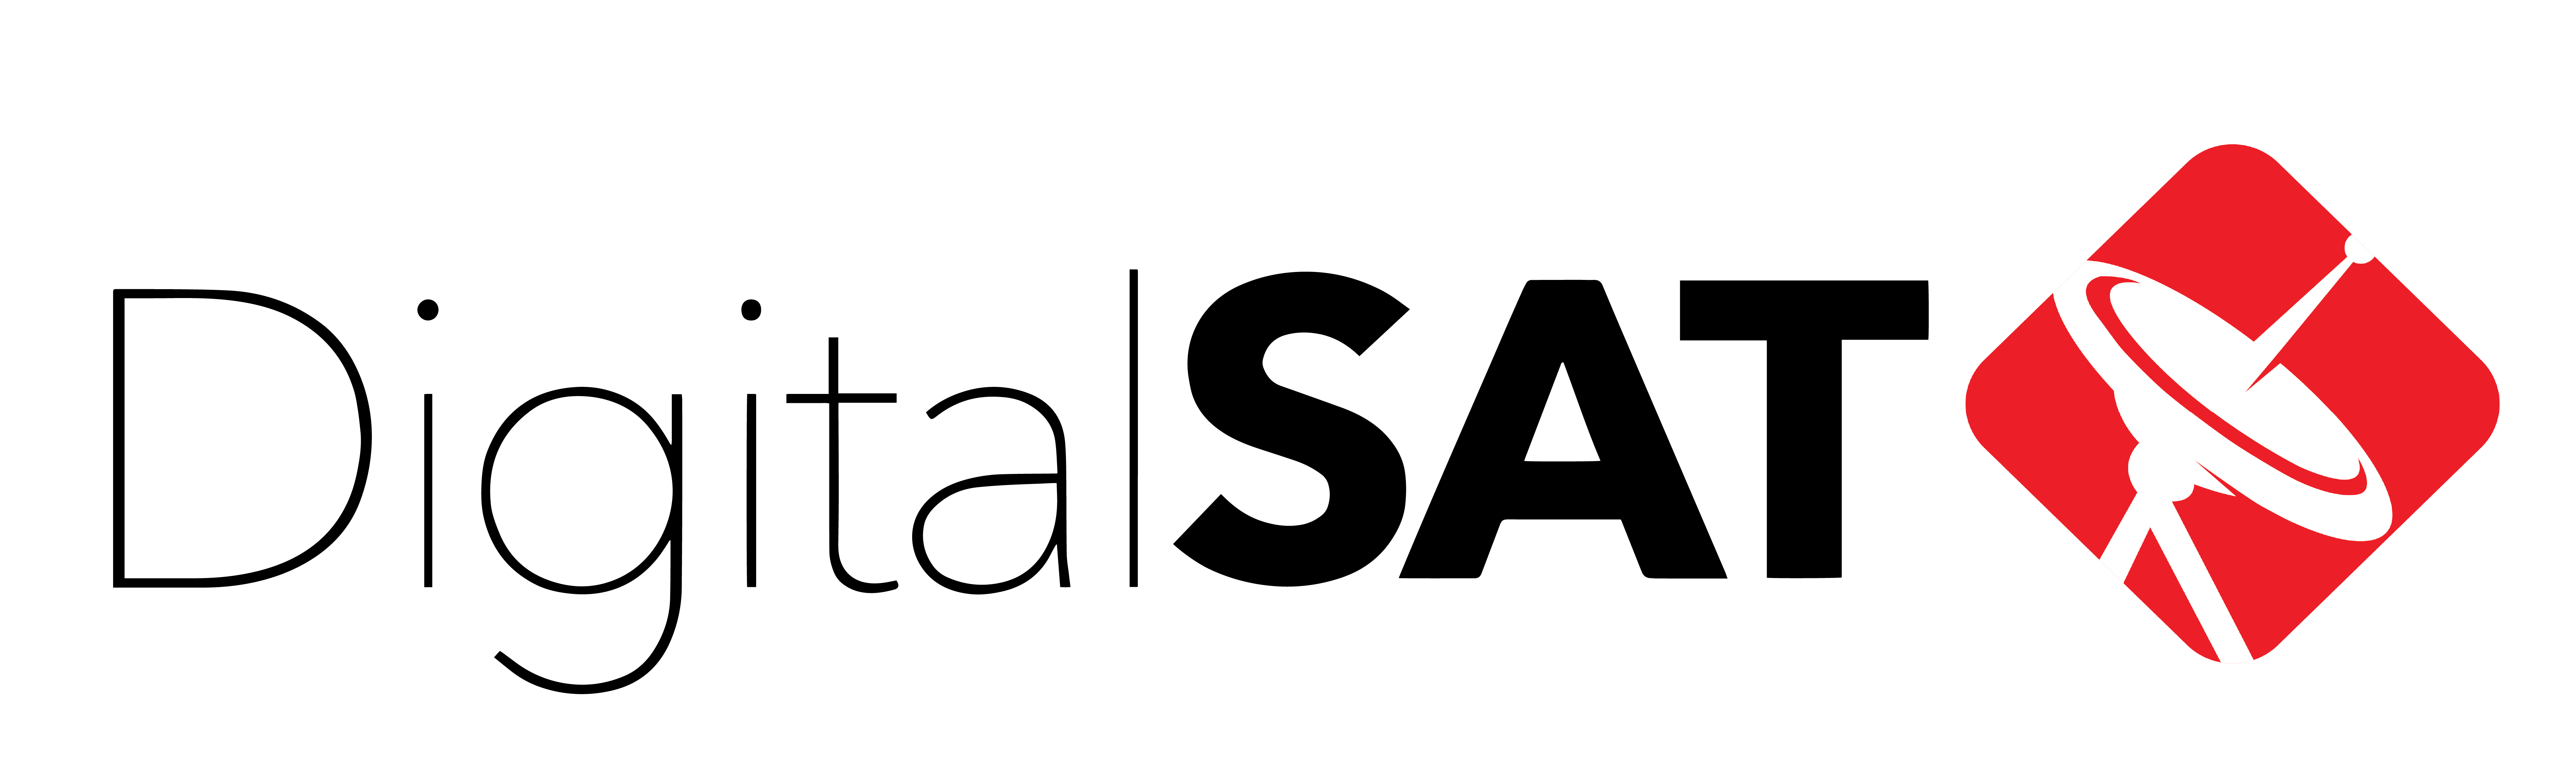 Digitalsat